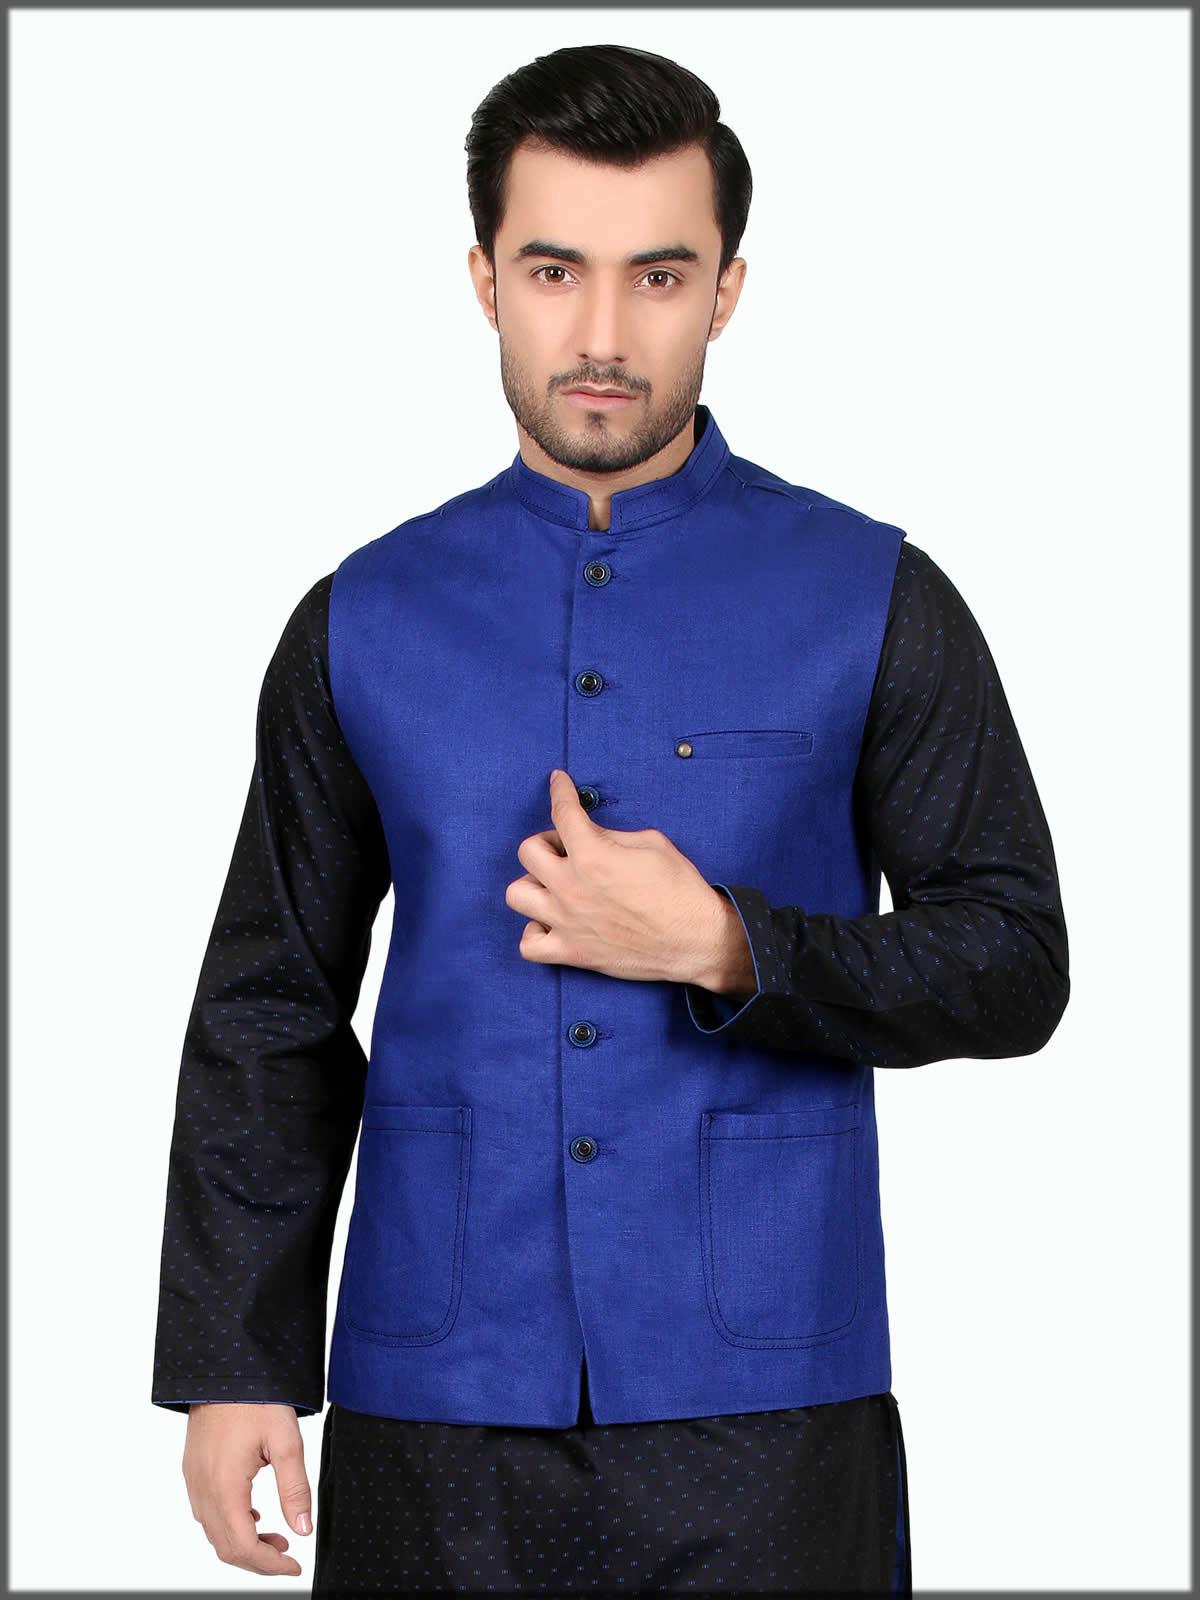 fancy wasitcoat for eid wear